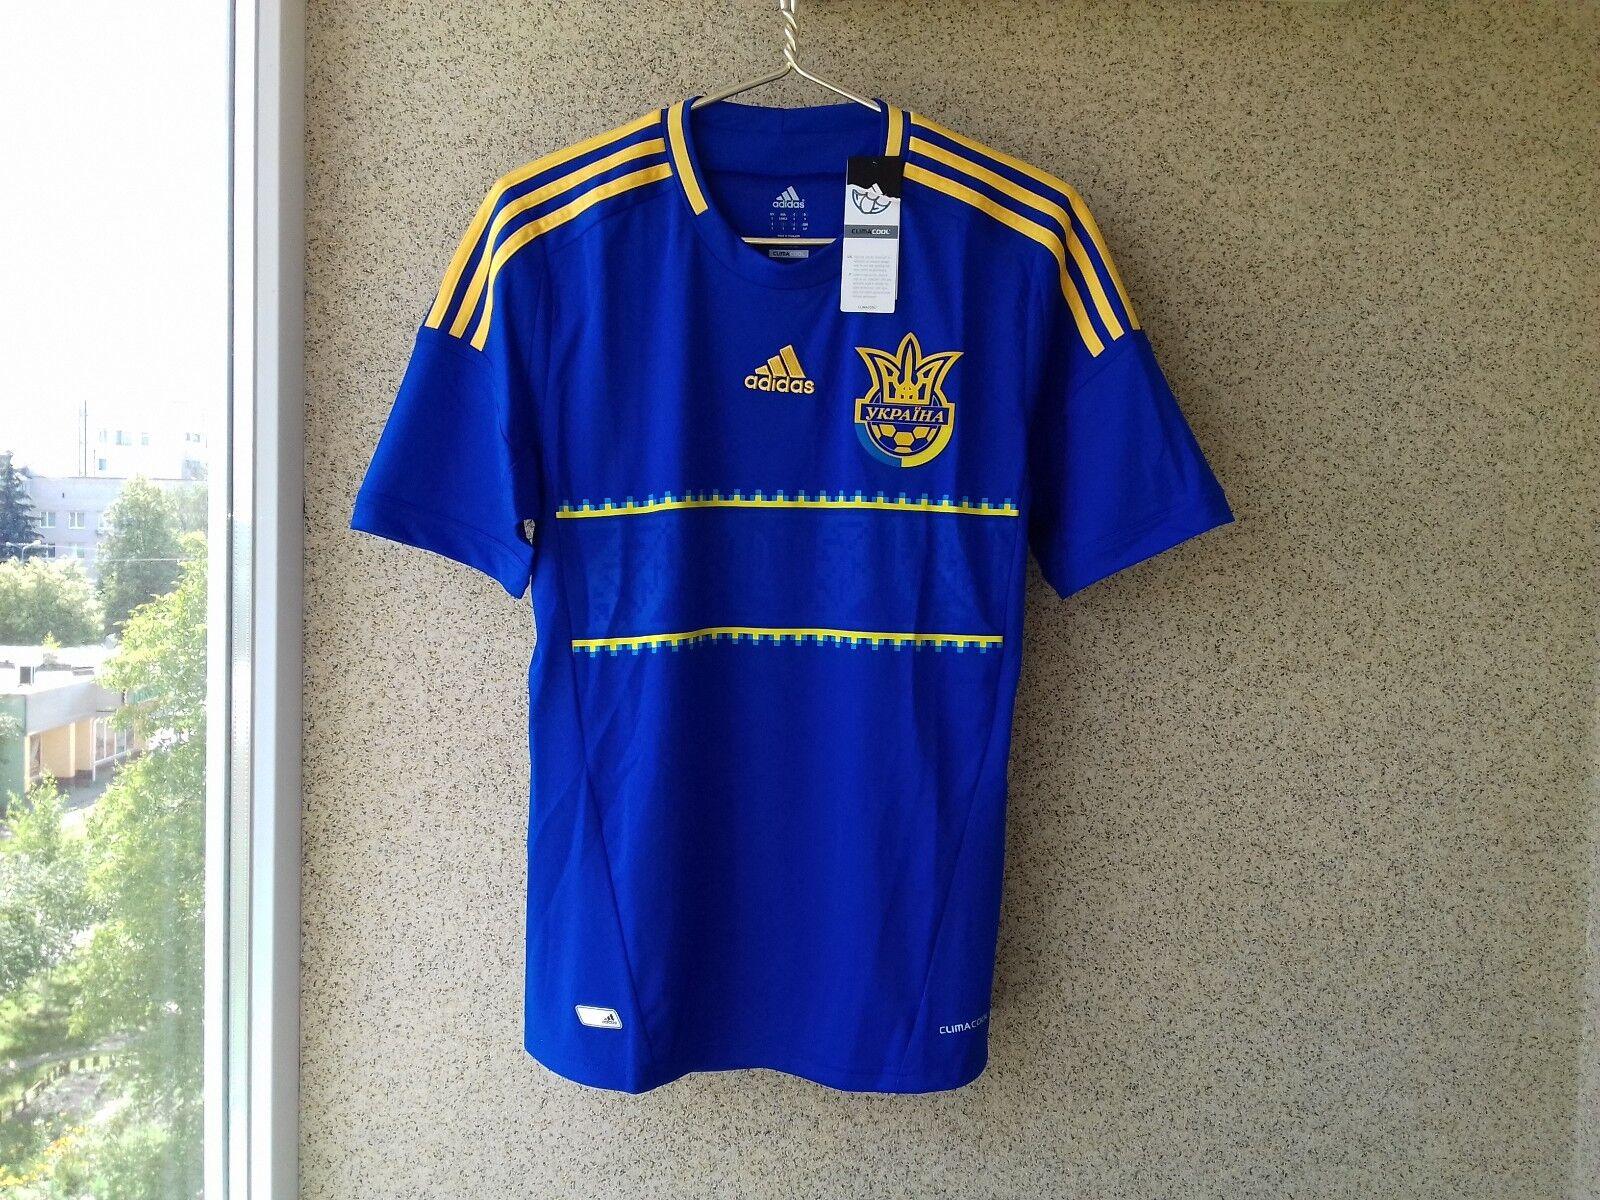 f4d95e356 Ukraine Away football shirt 2012 2013 Jersey 2xl Adidas Camiseta Soccer